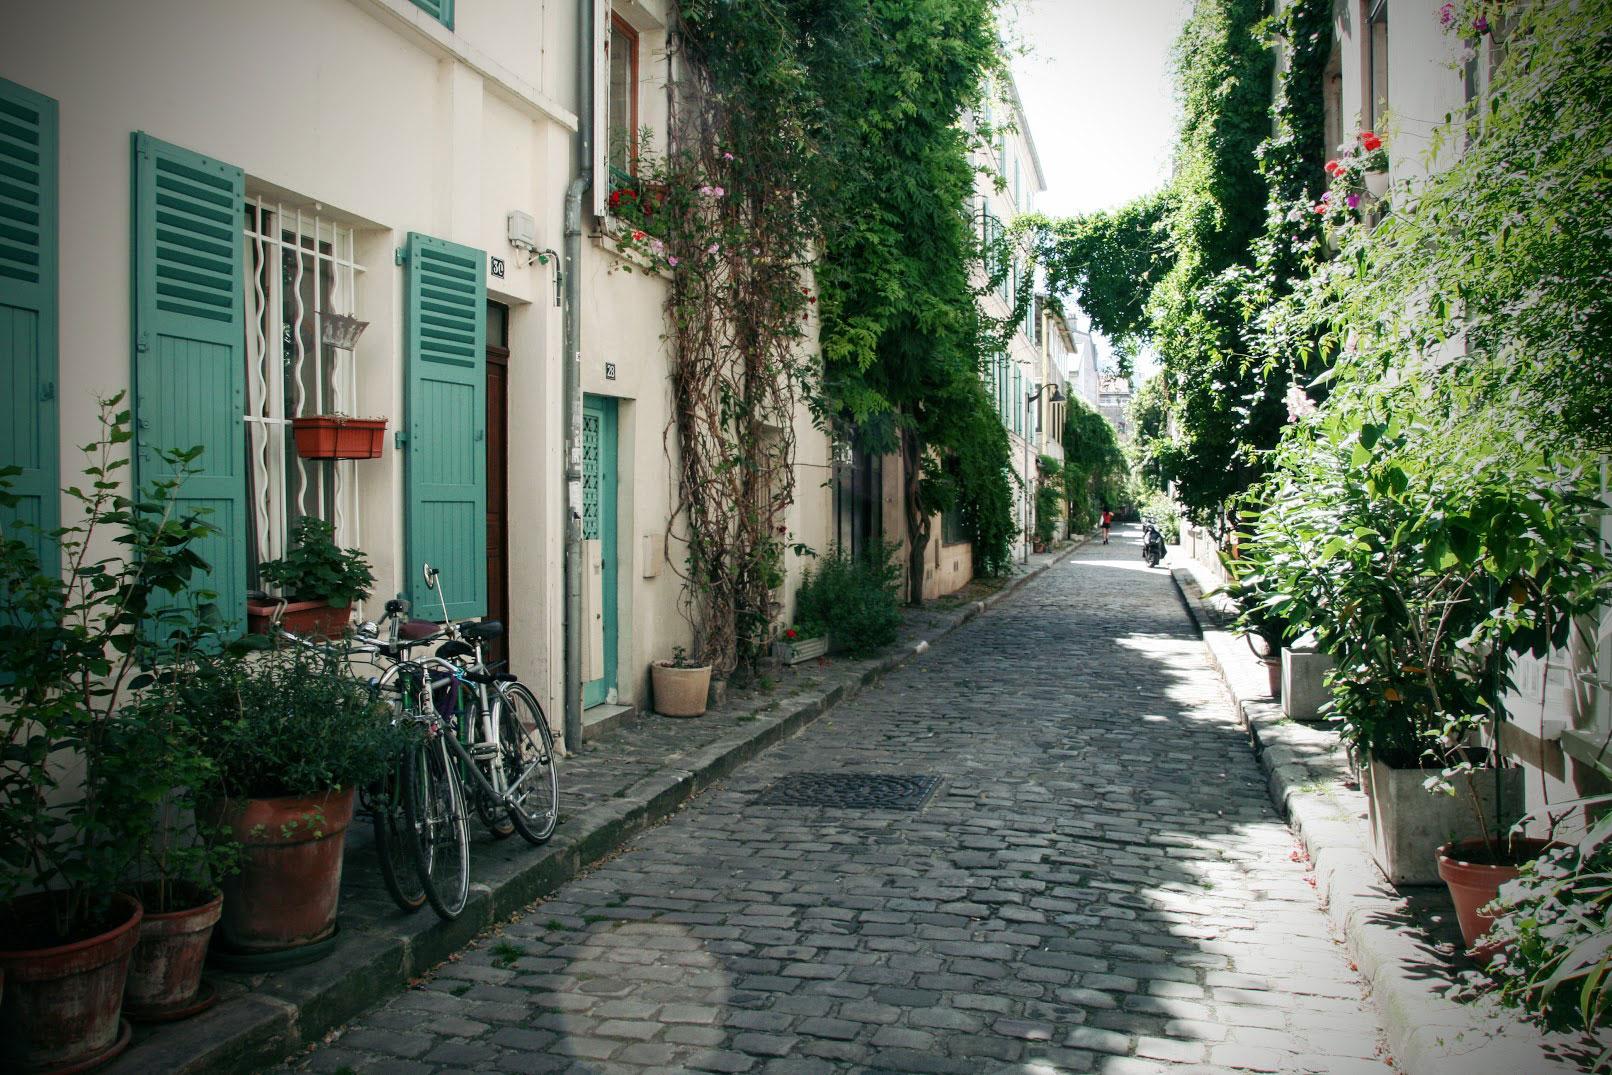 Rue des martyrs arfim for Le miroir rue des martyrs